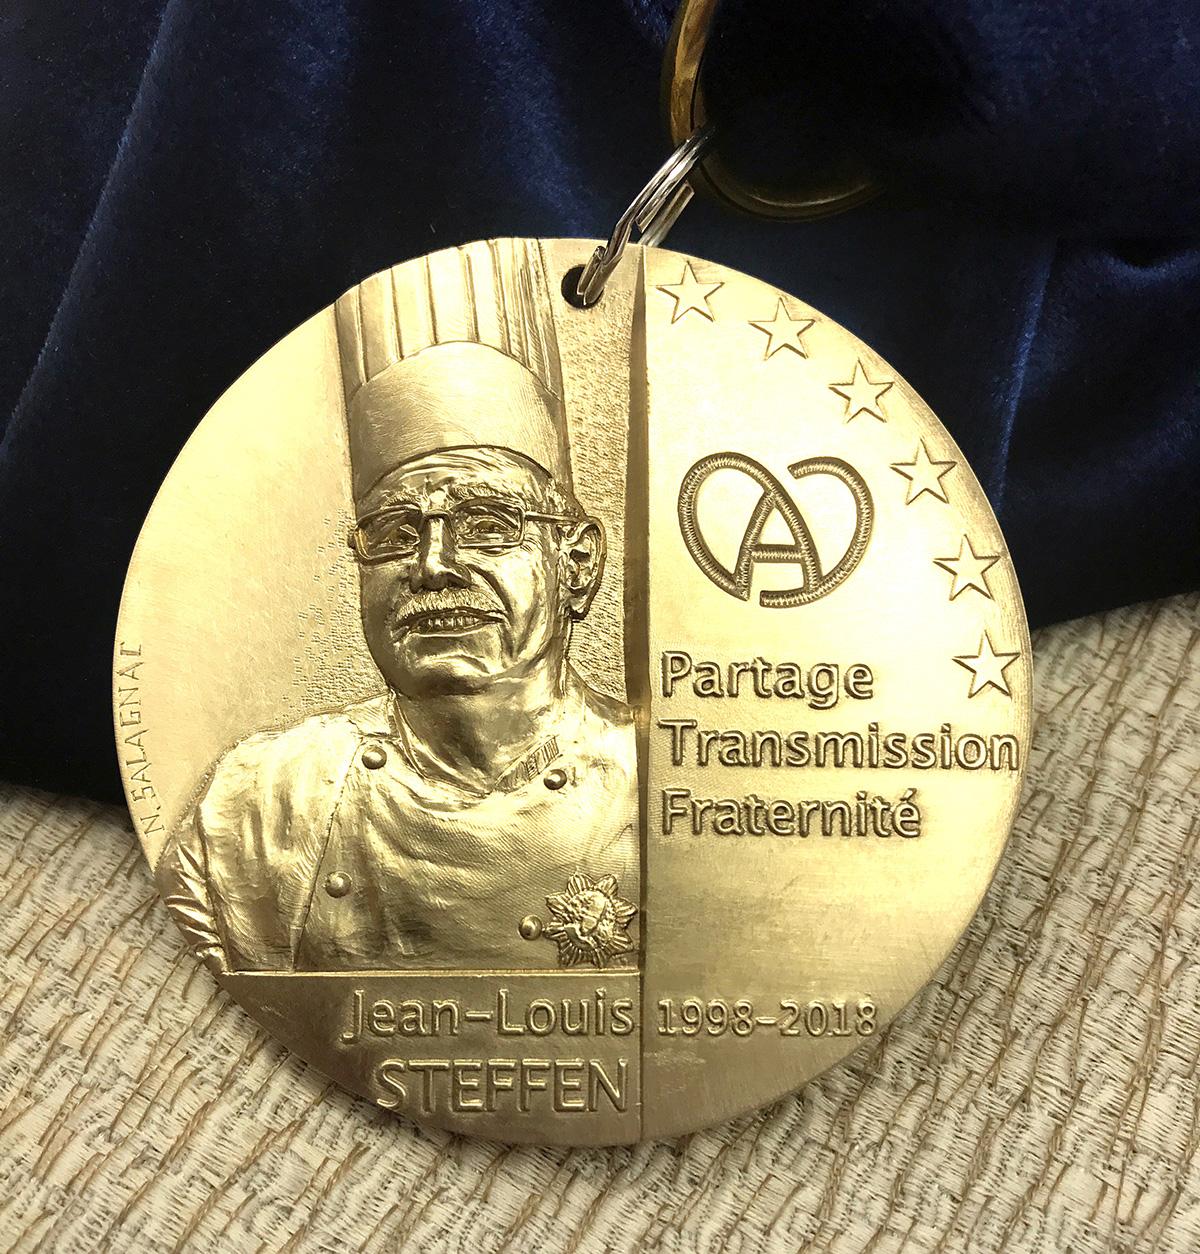 Création d'une médaille pour honorer le cuisinier Jean-Louis Steffen